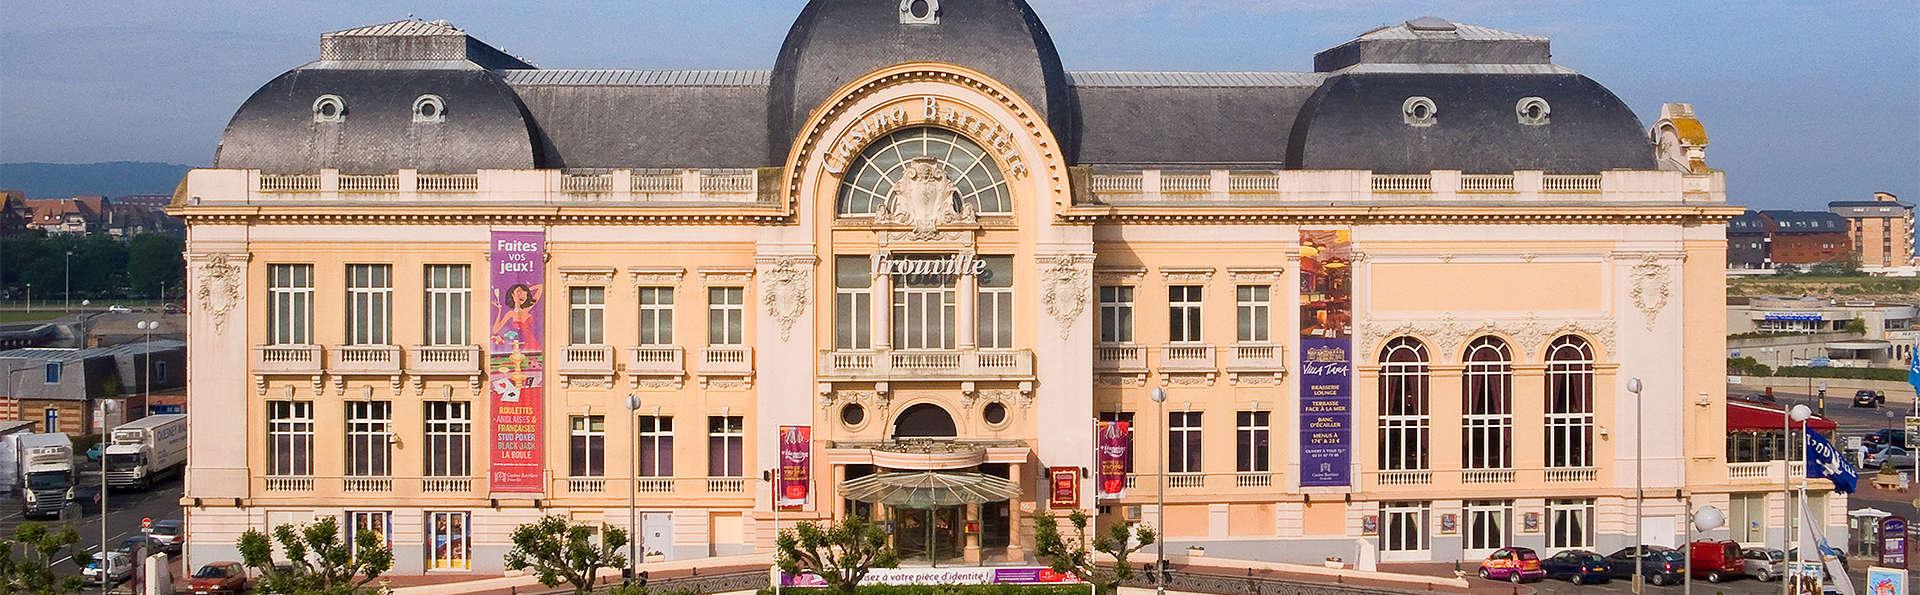 Hôtel Barrière L'Hôtel du Golf Deauville - EDIT_Destination1.jpg